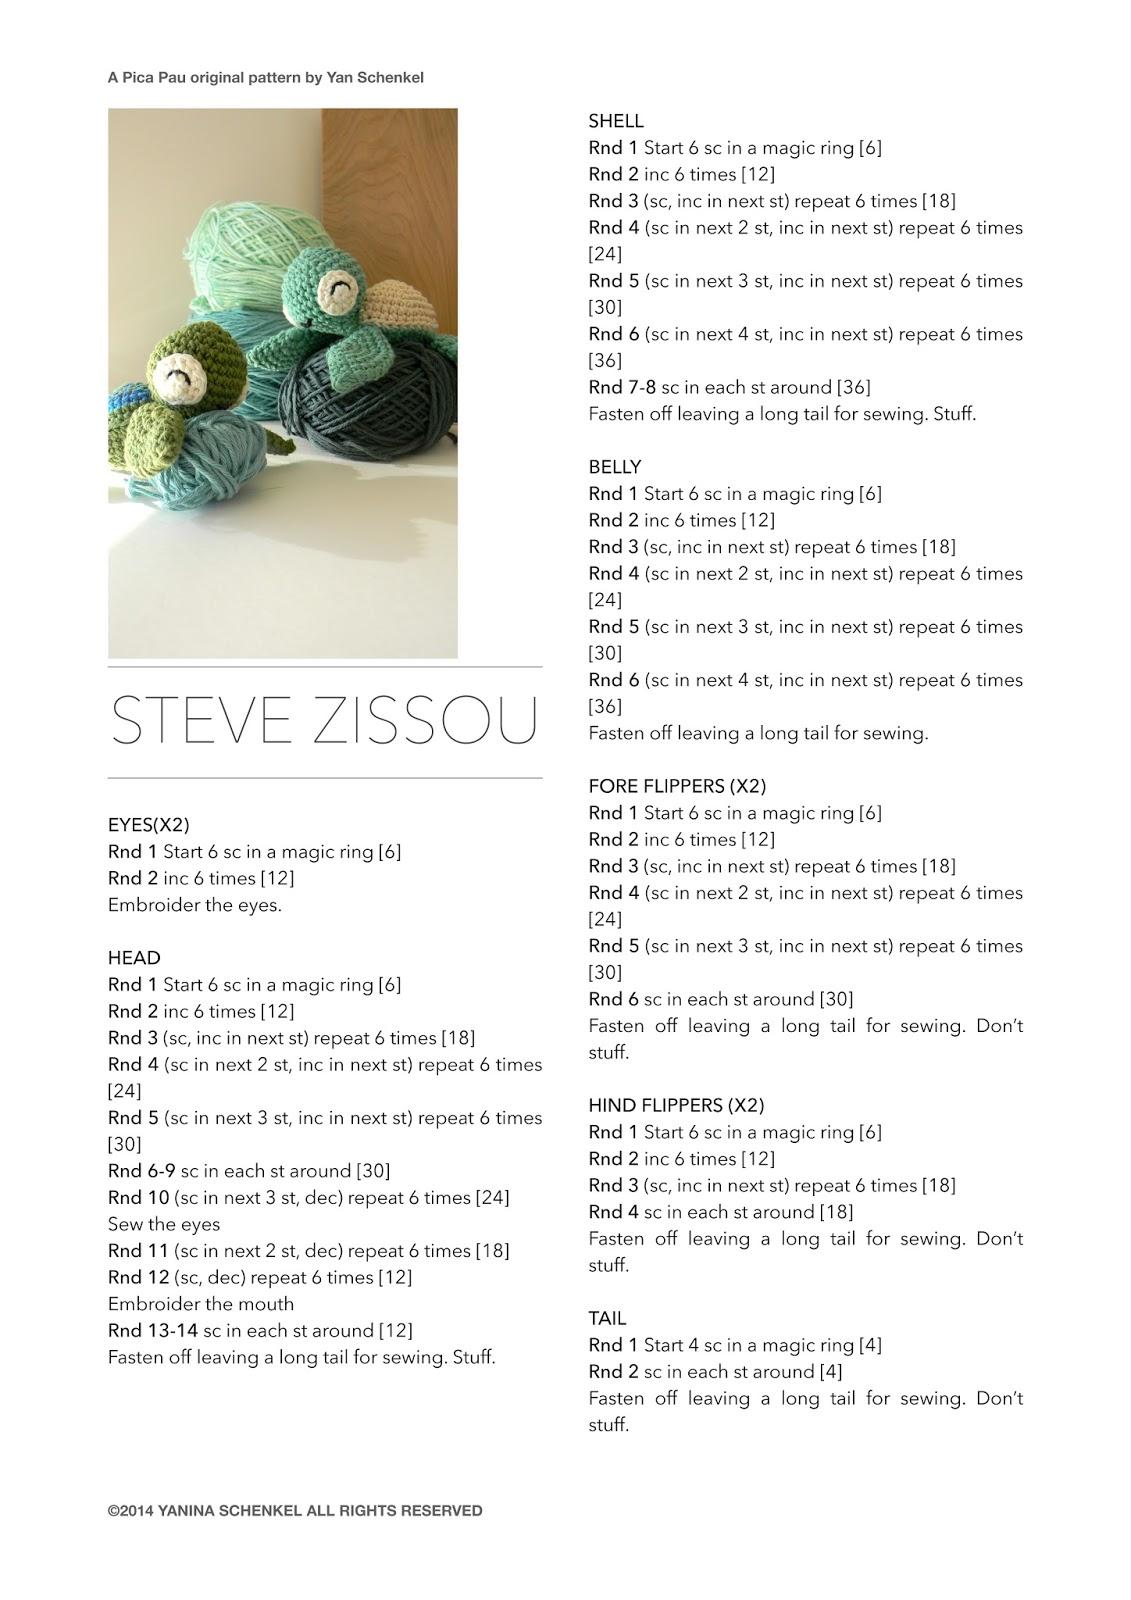 Steve (Zissou)